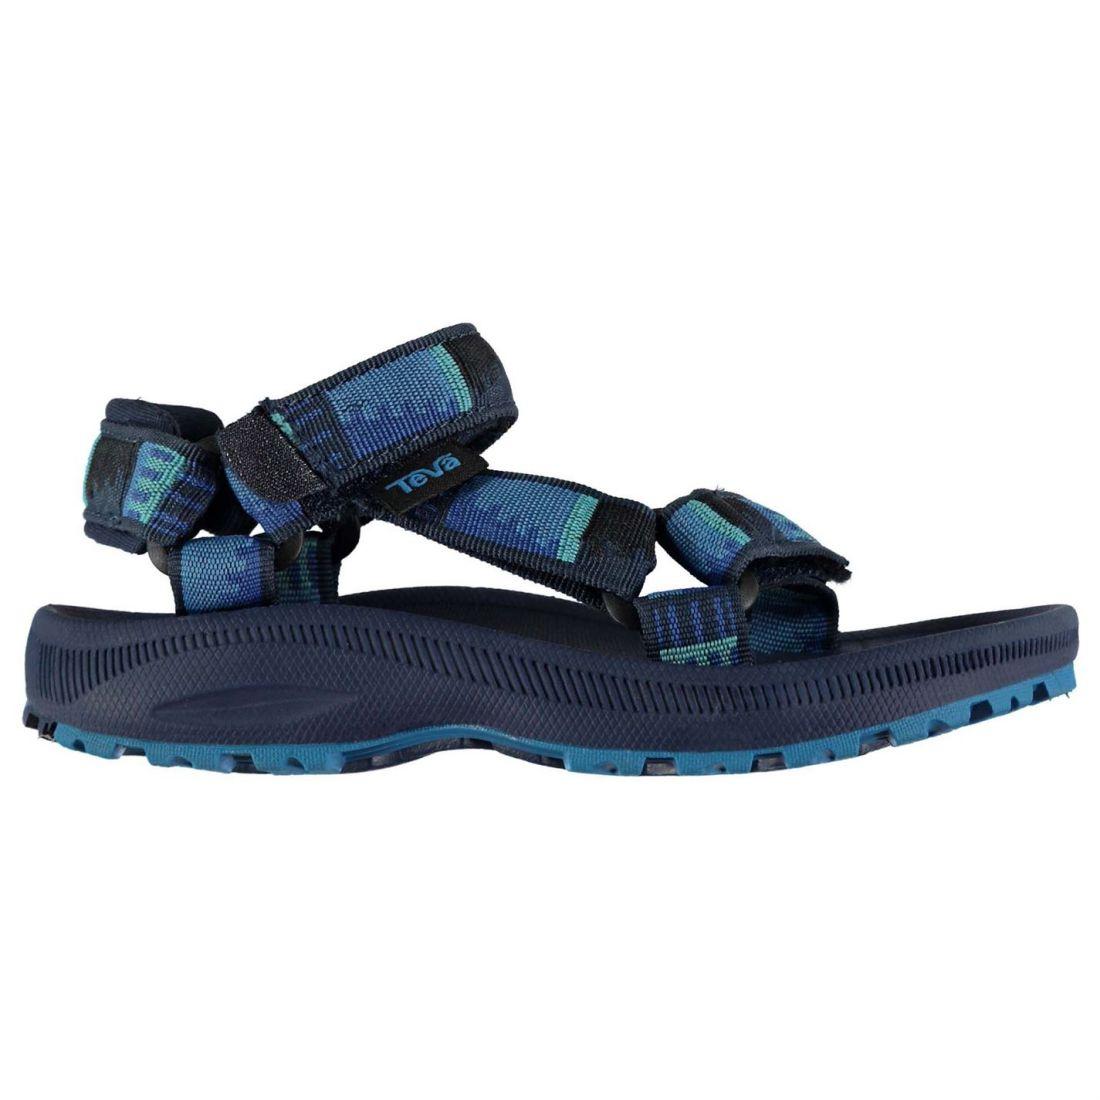 5aceb7e19 Teva Hurricane 2 Childrens Sandals